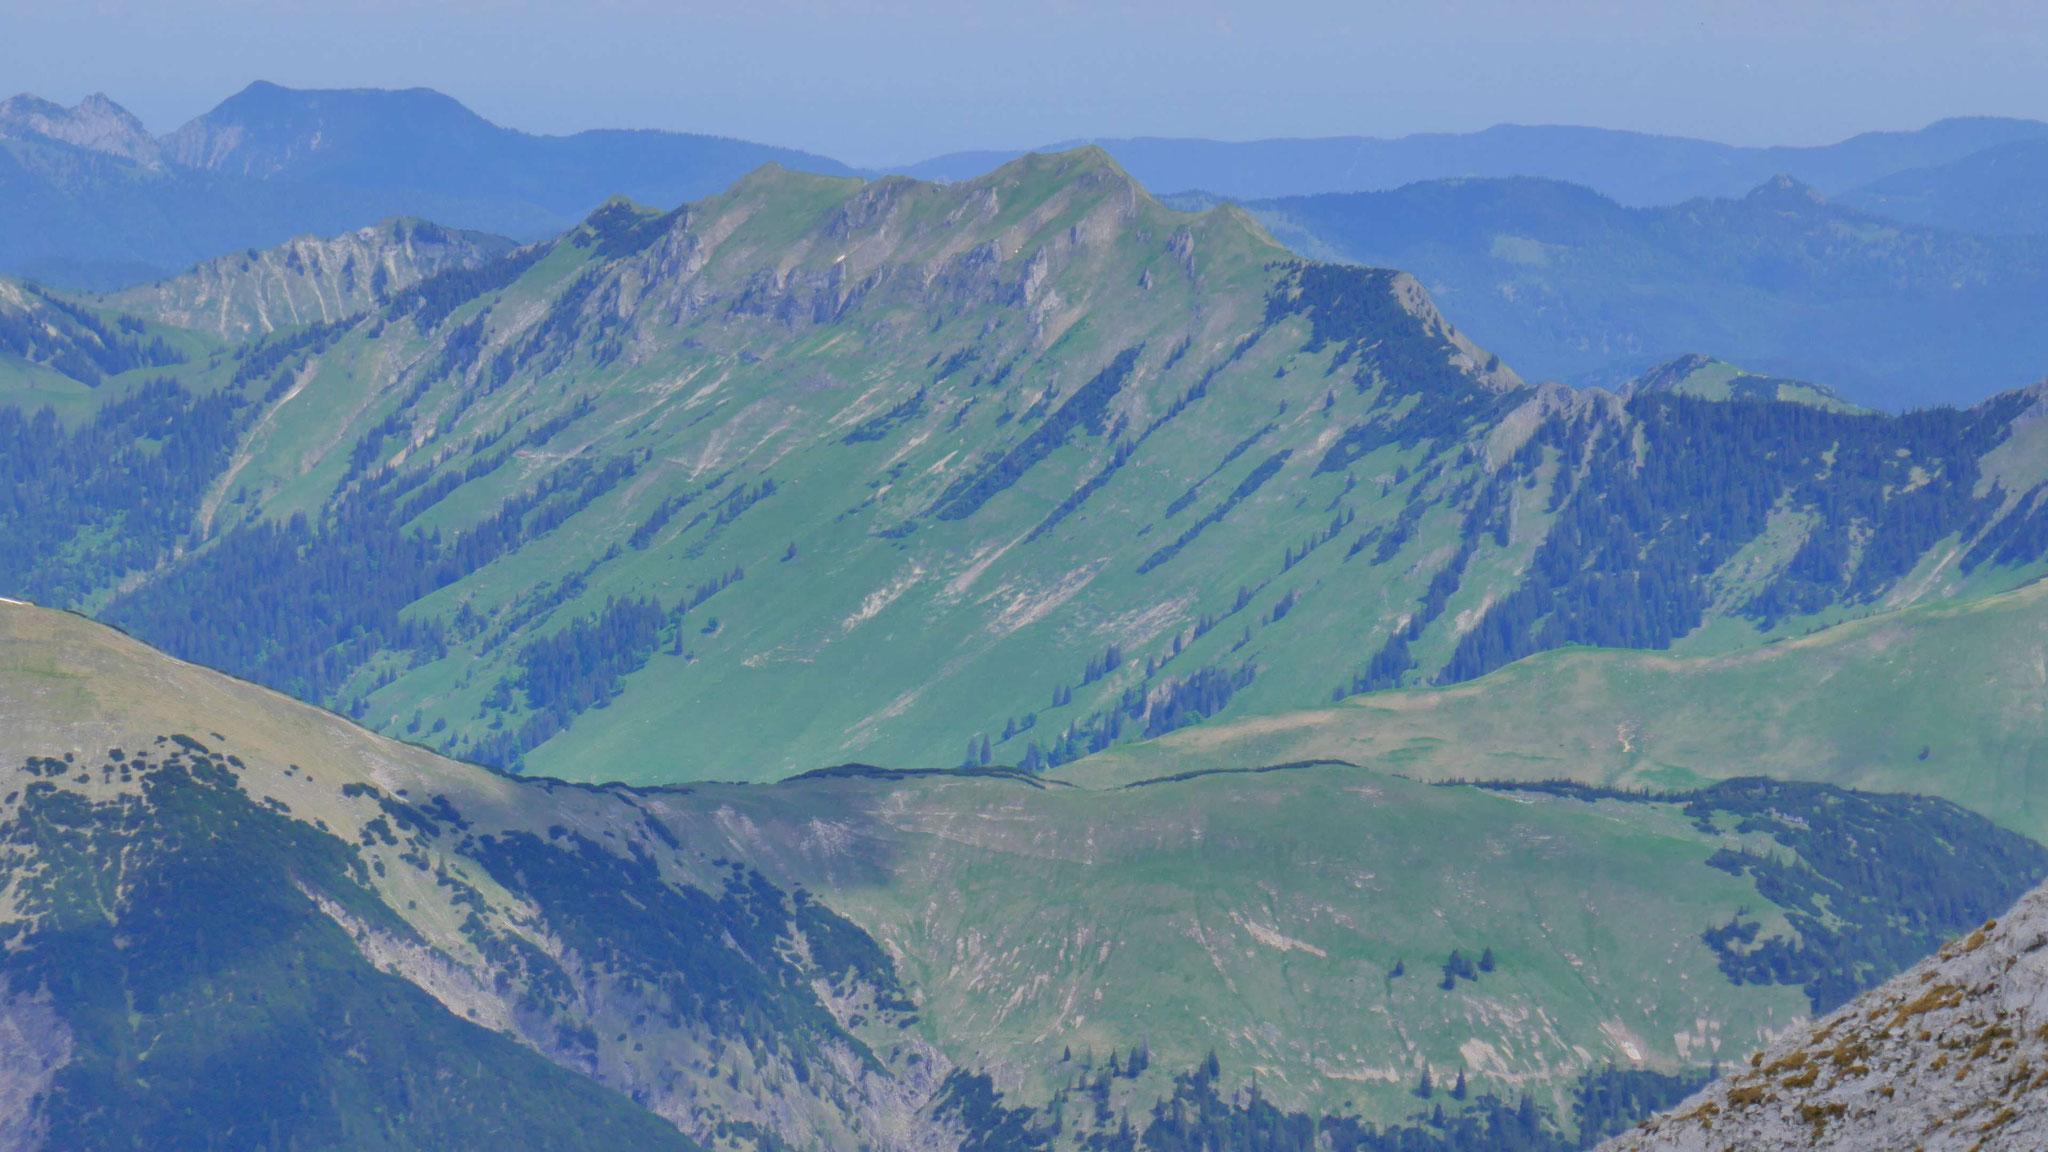 Schreckenspitze